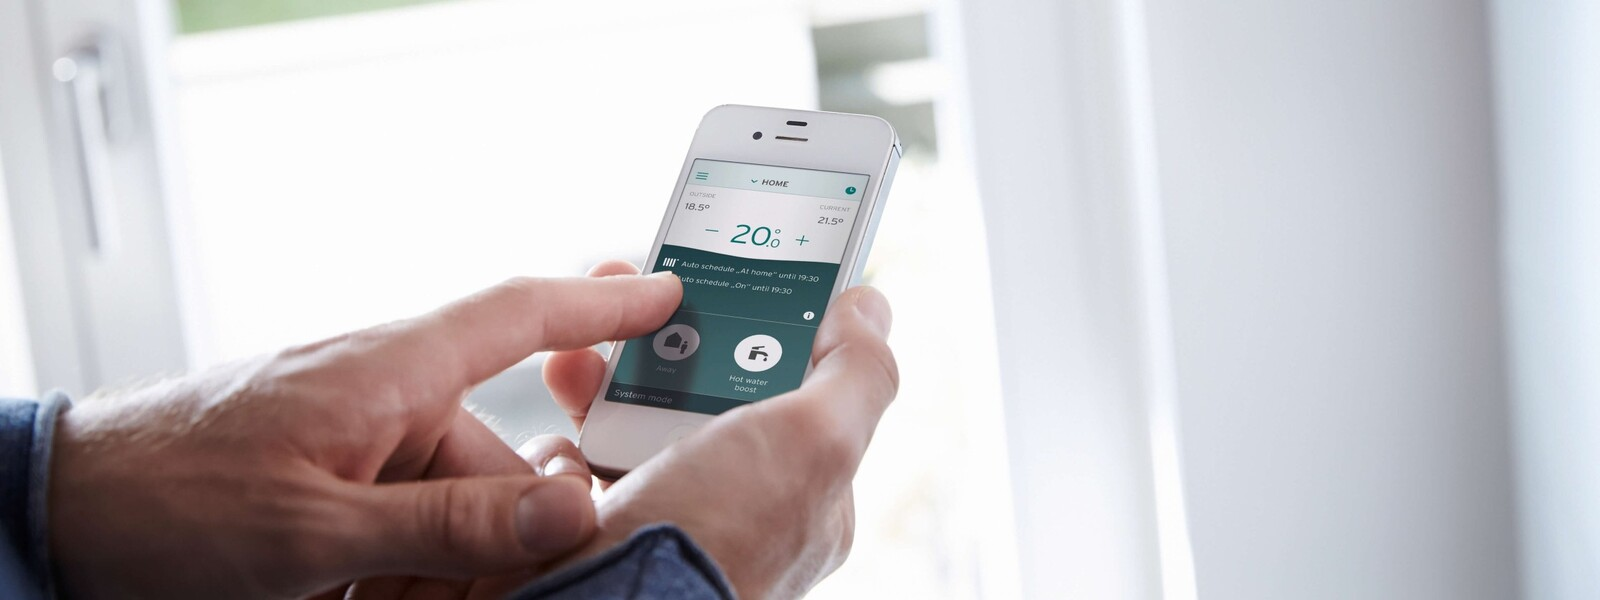 Ein Smartphone für Smart Home